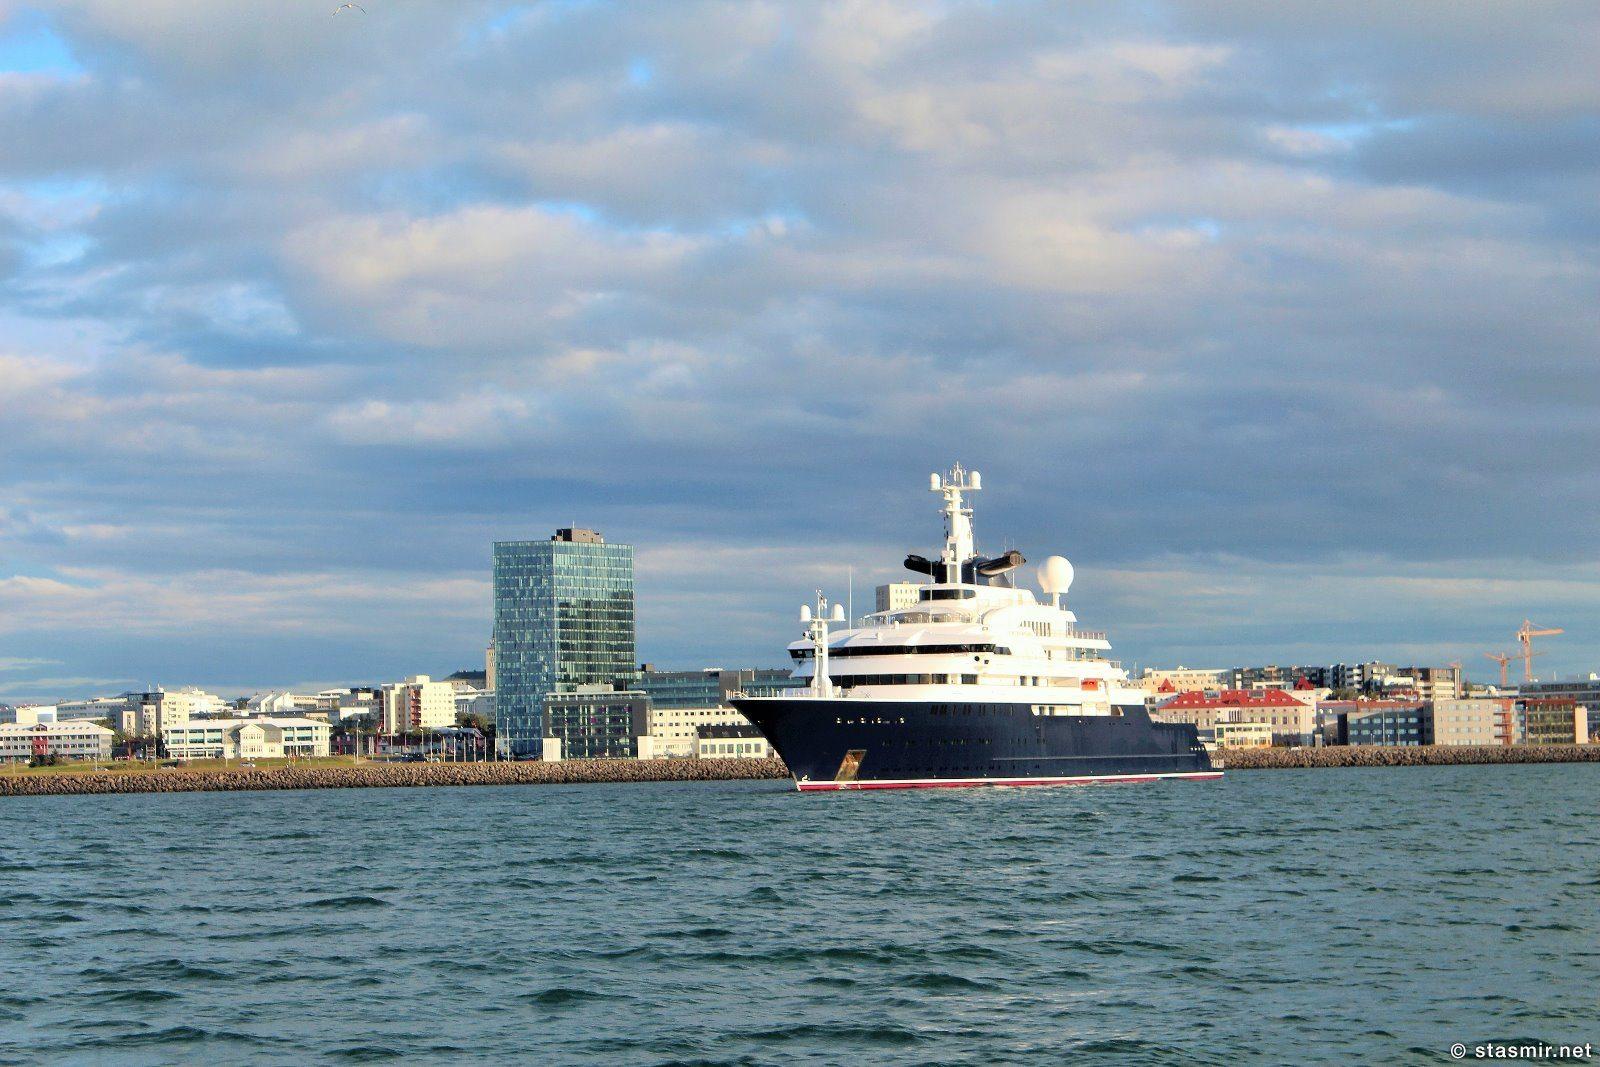 Осьминожка – 126-метровая яхта Пола Аллена, частный гость в рейкьявикском порту, фото Стасмир, photo Stasmir